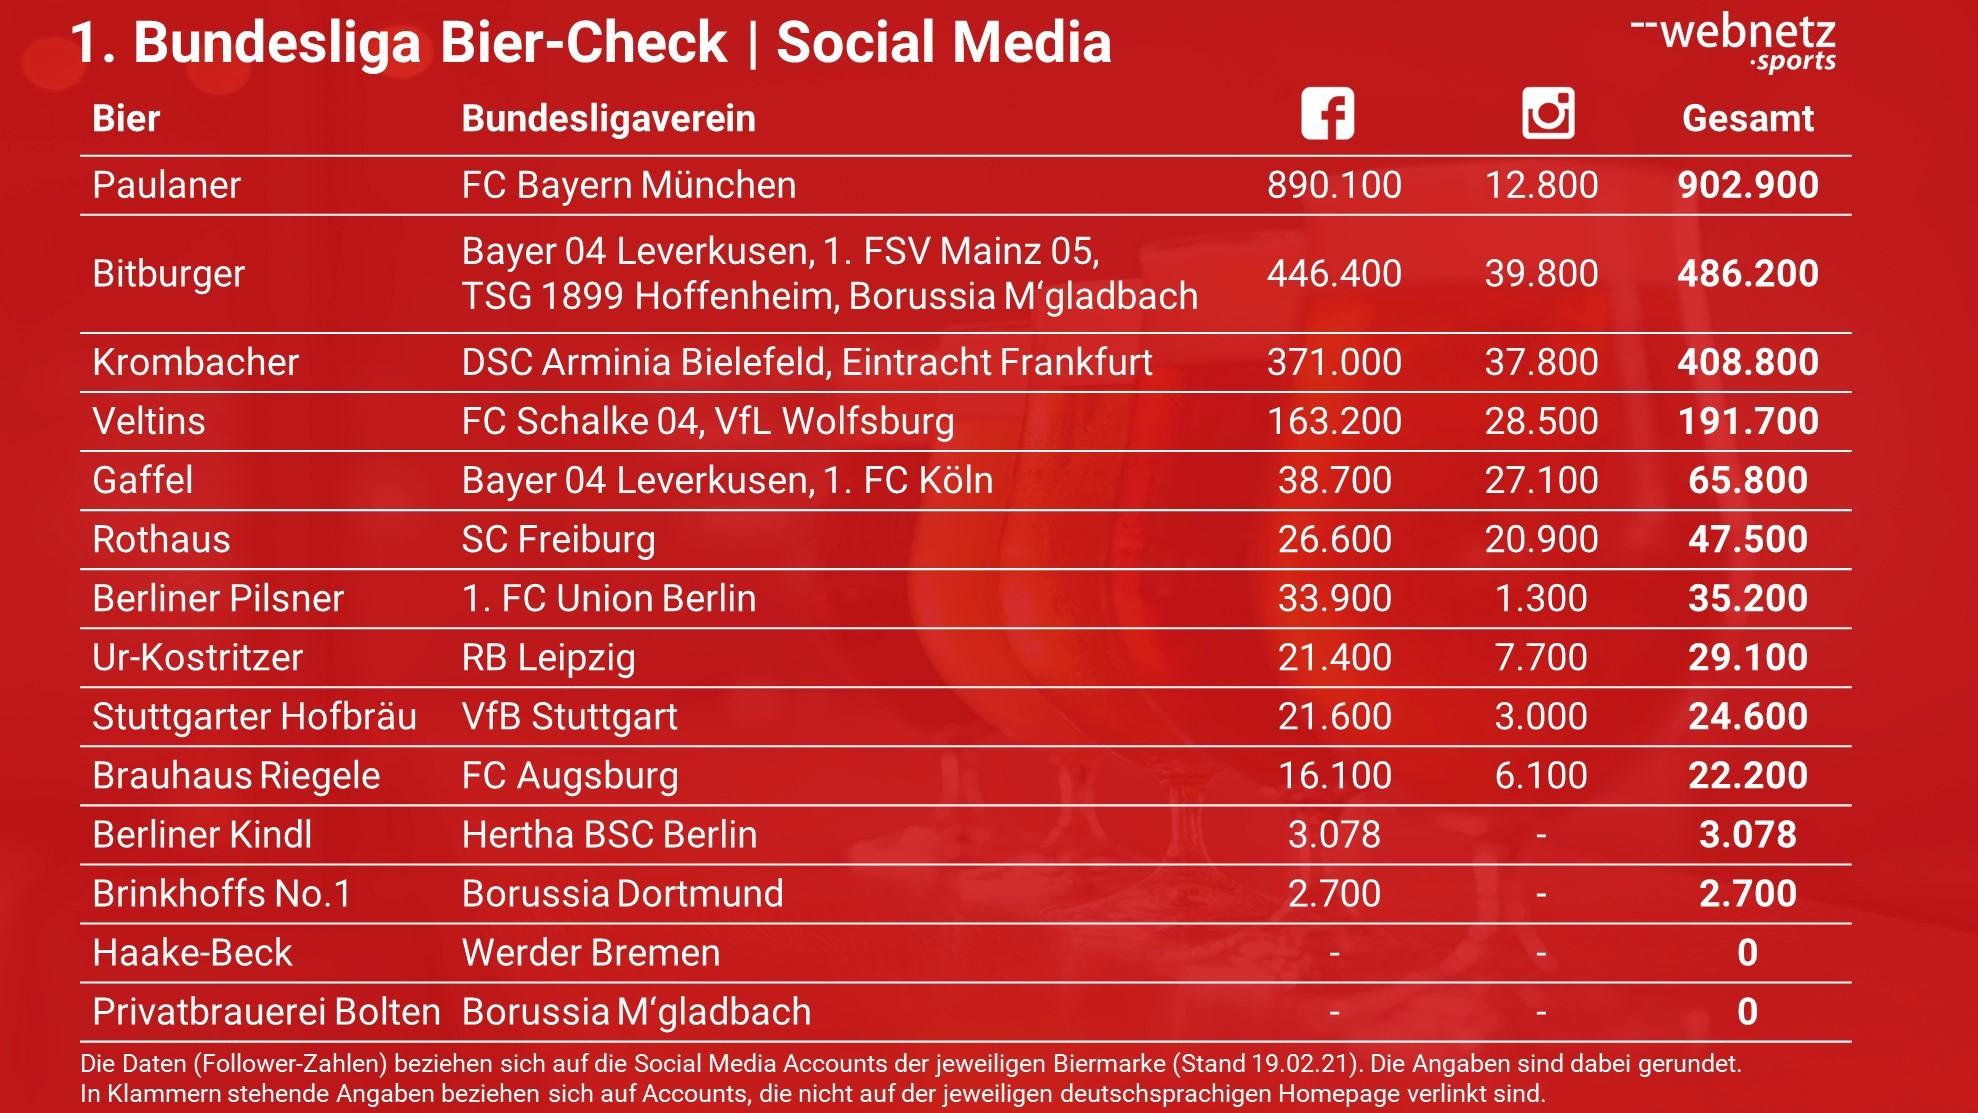 Ranking der ersten Bundesligasponsoren in der Bierbranche mit Hilfe der Social Media Follower bei Facebook und Instagram.